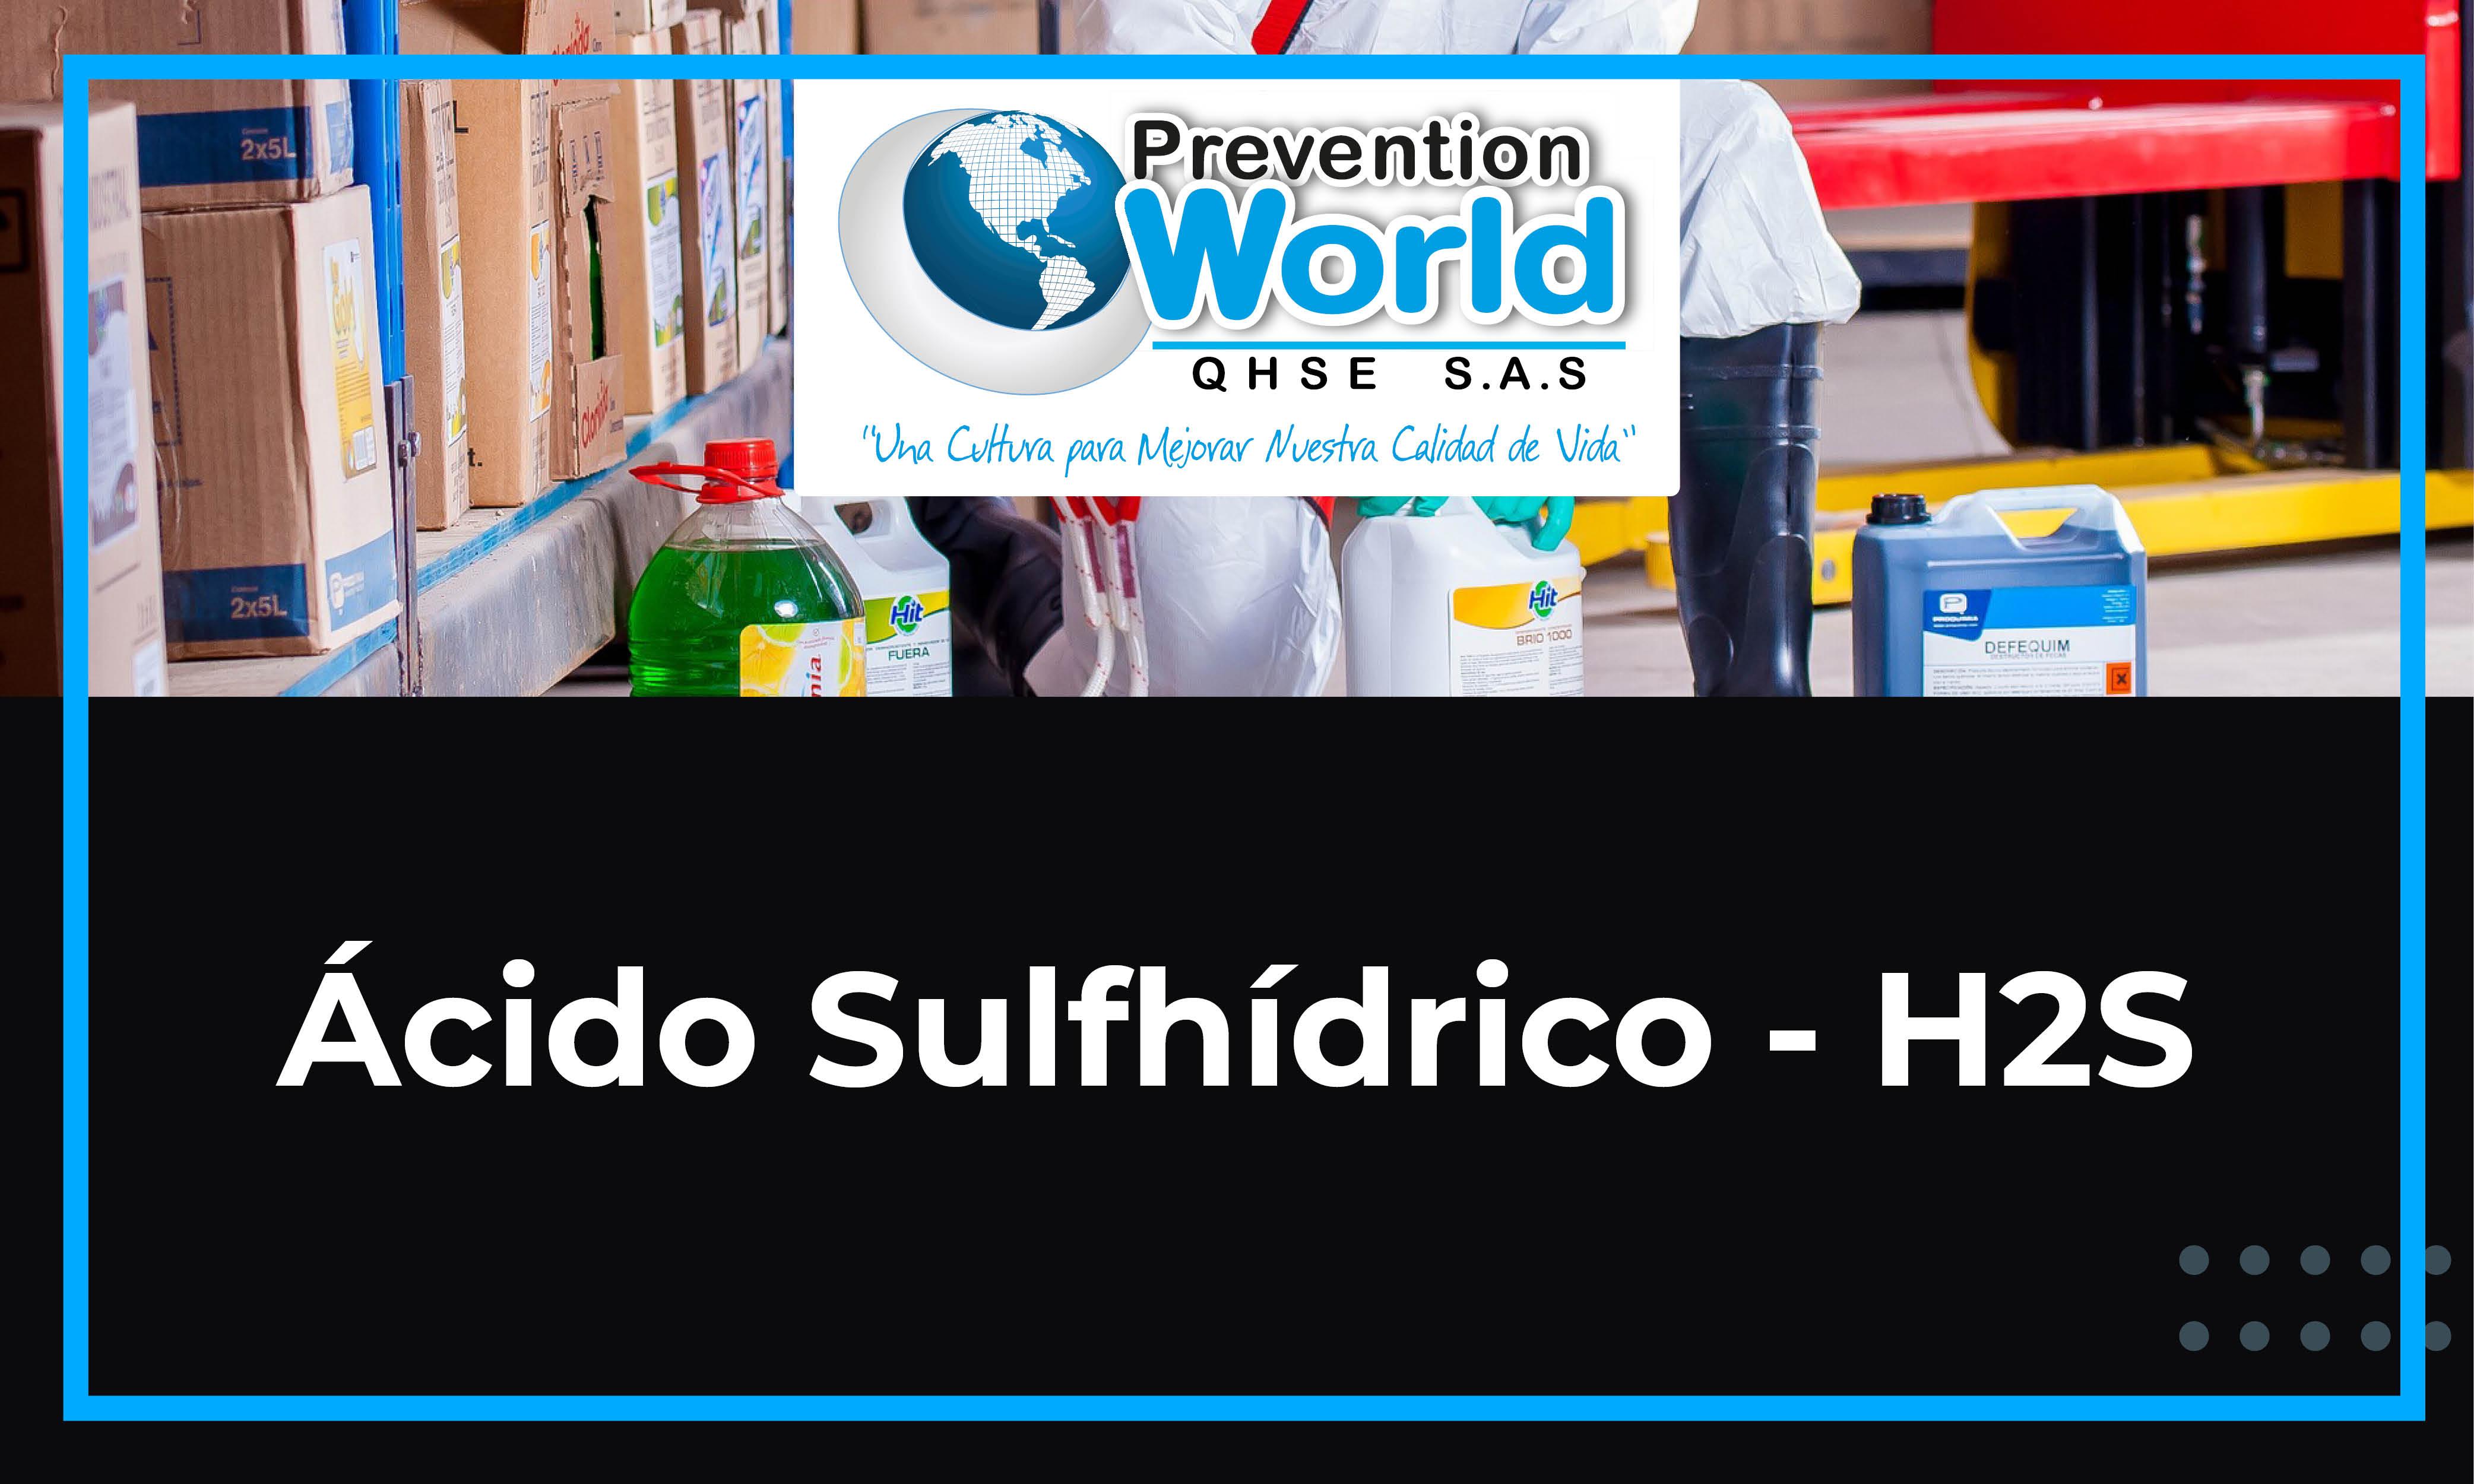 Ácido Sulfhídrico - H2S